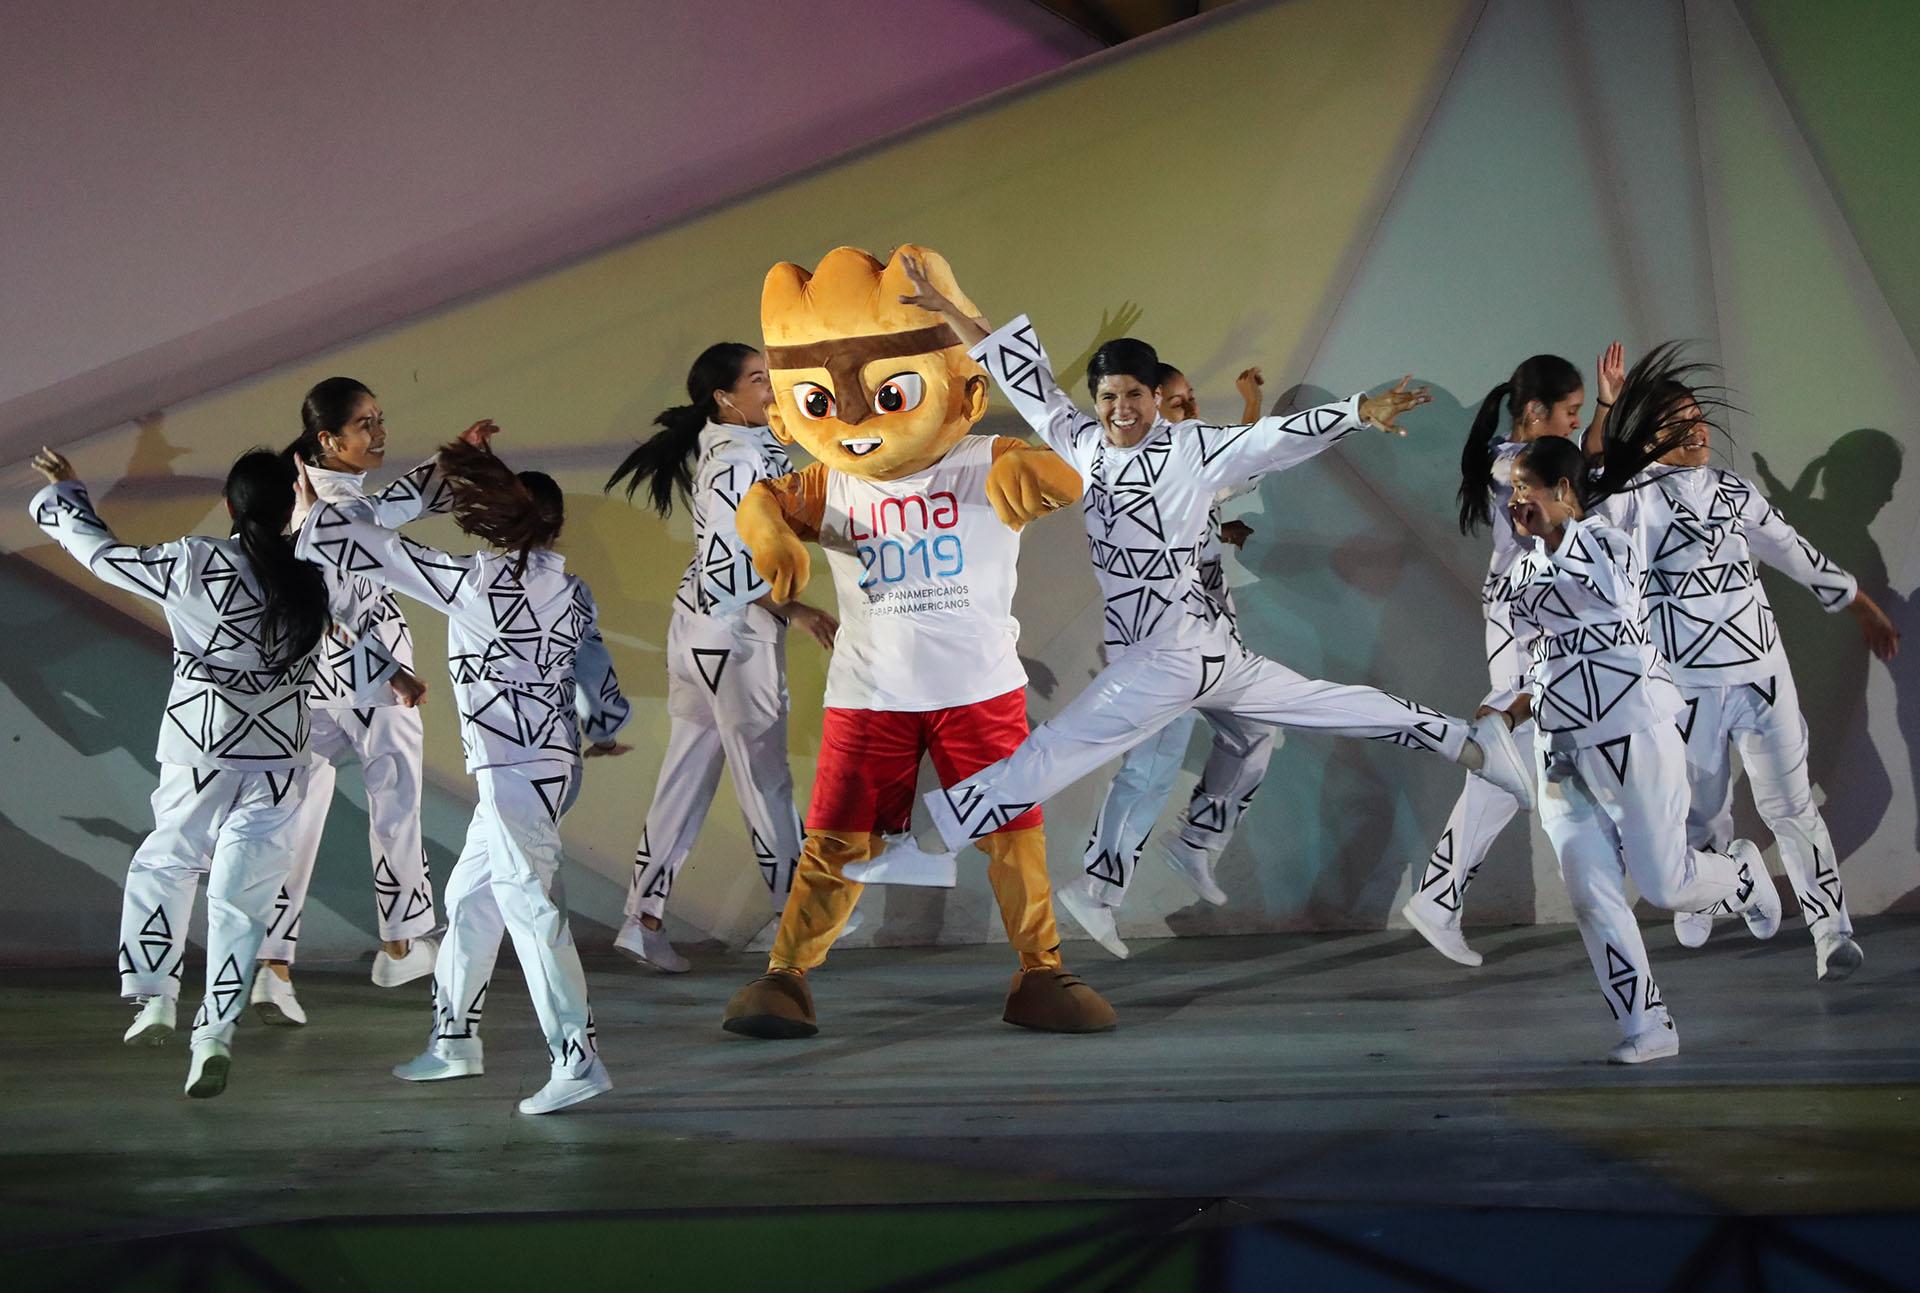 Milco, la mascota de Lima 2019, también fue protagonista de la ceremonia inaugural (REUTERS/Sergio Moraes)